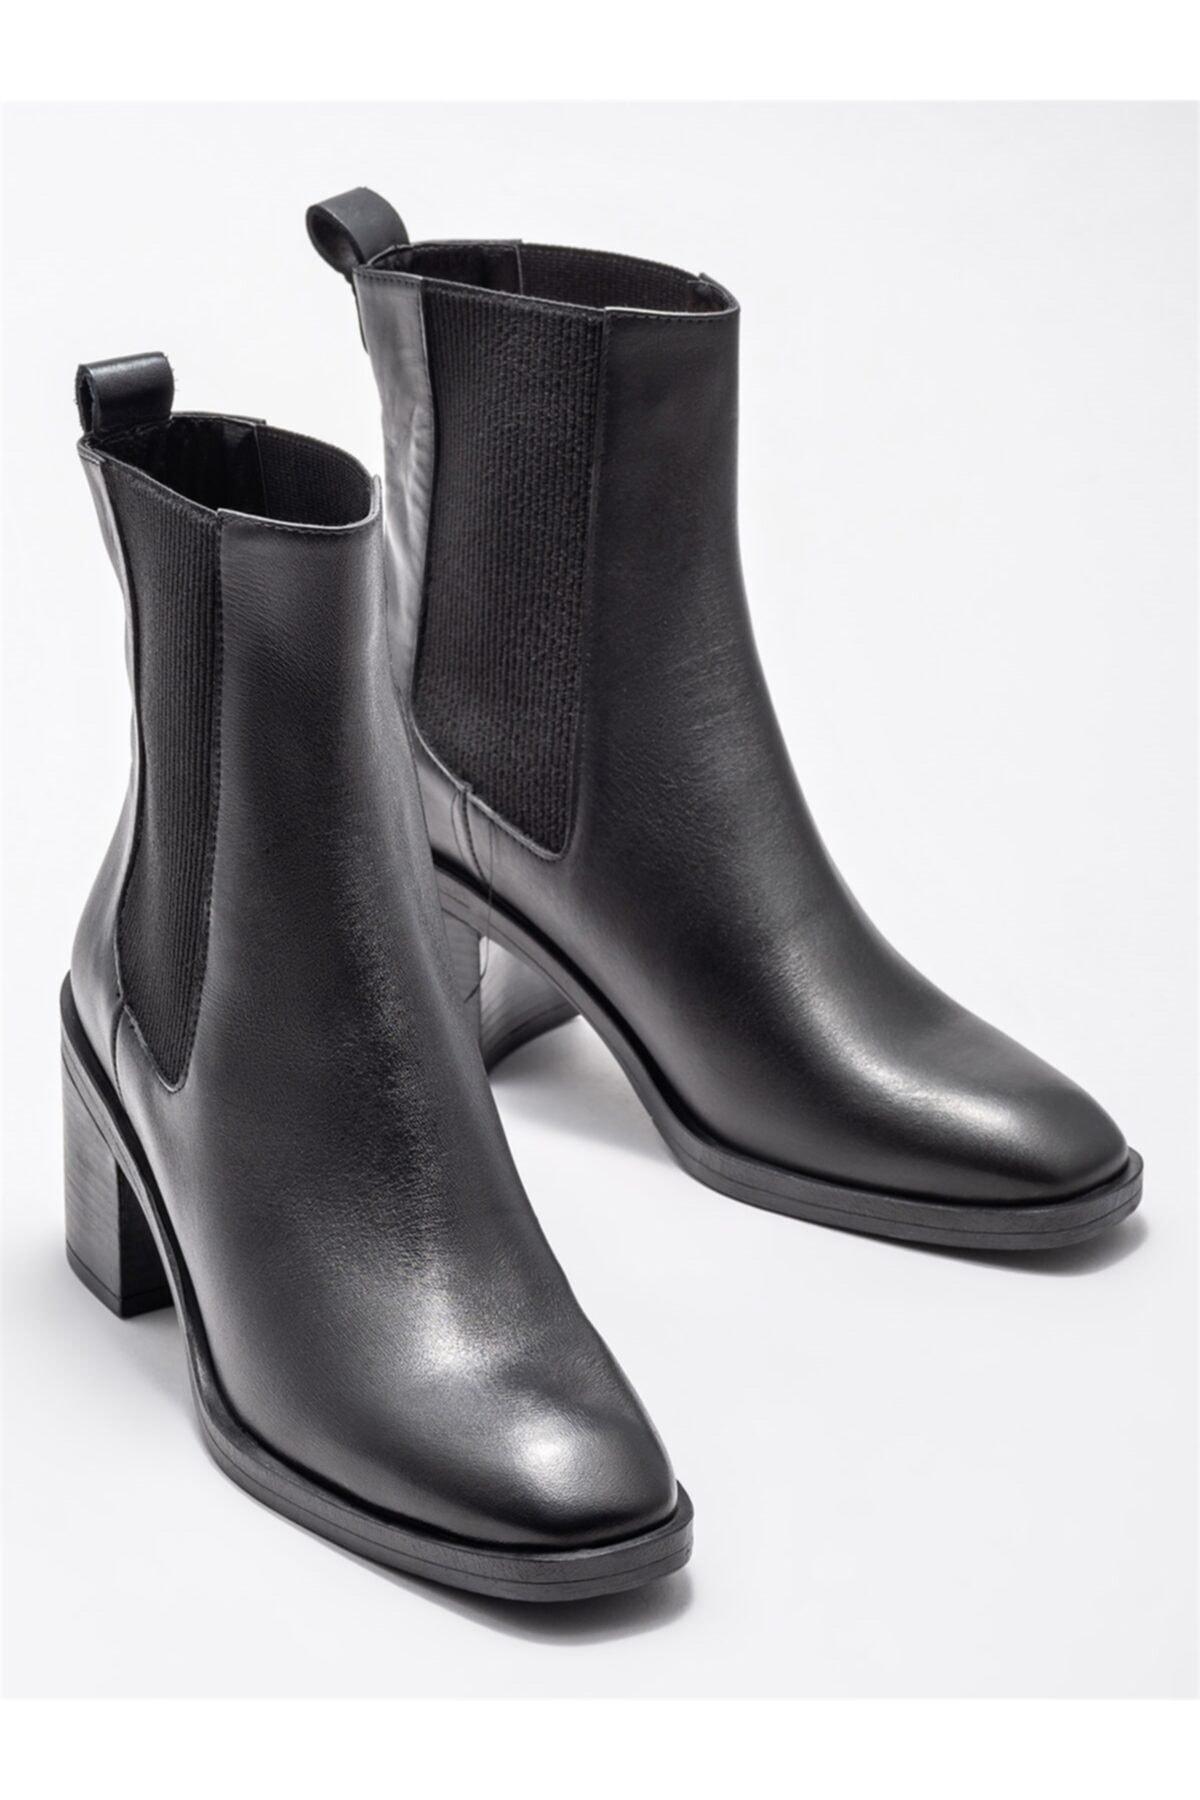 Elle Shoes Siyah Kadın Günlük Topuklu Bot 2